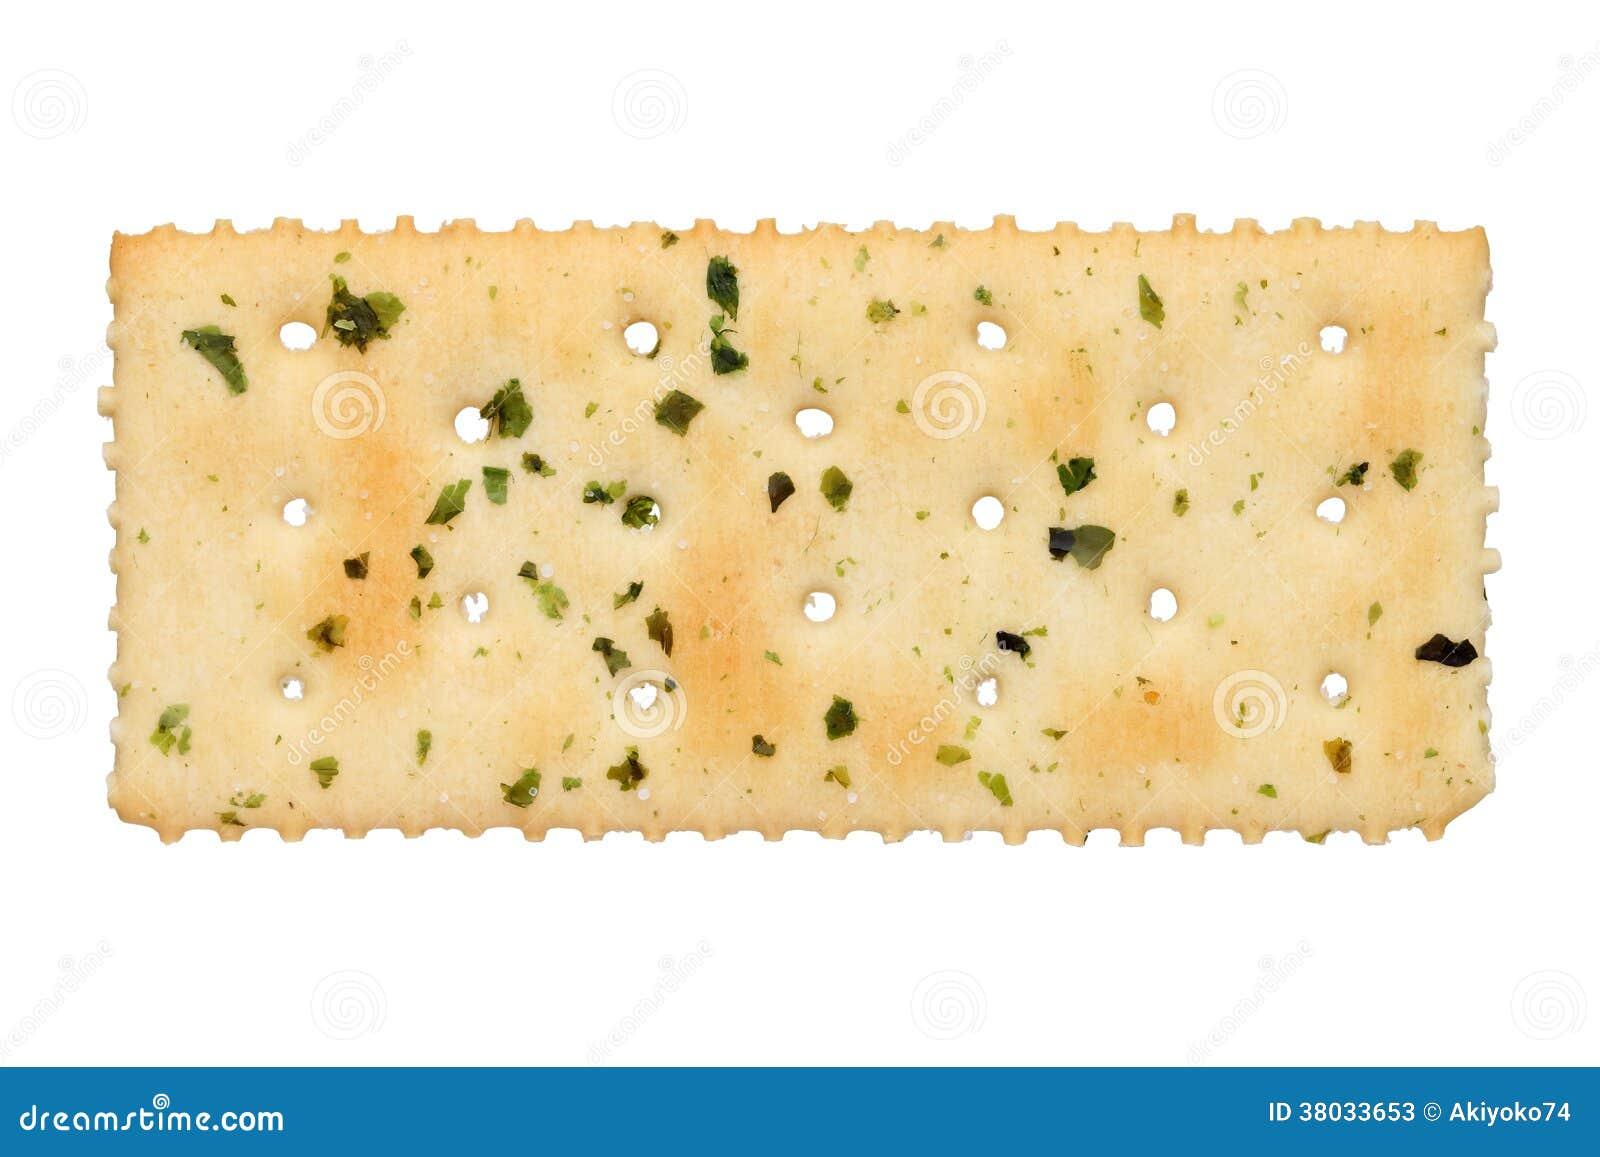 Vegetable salty crackers